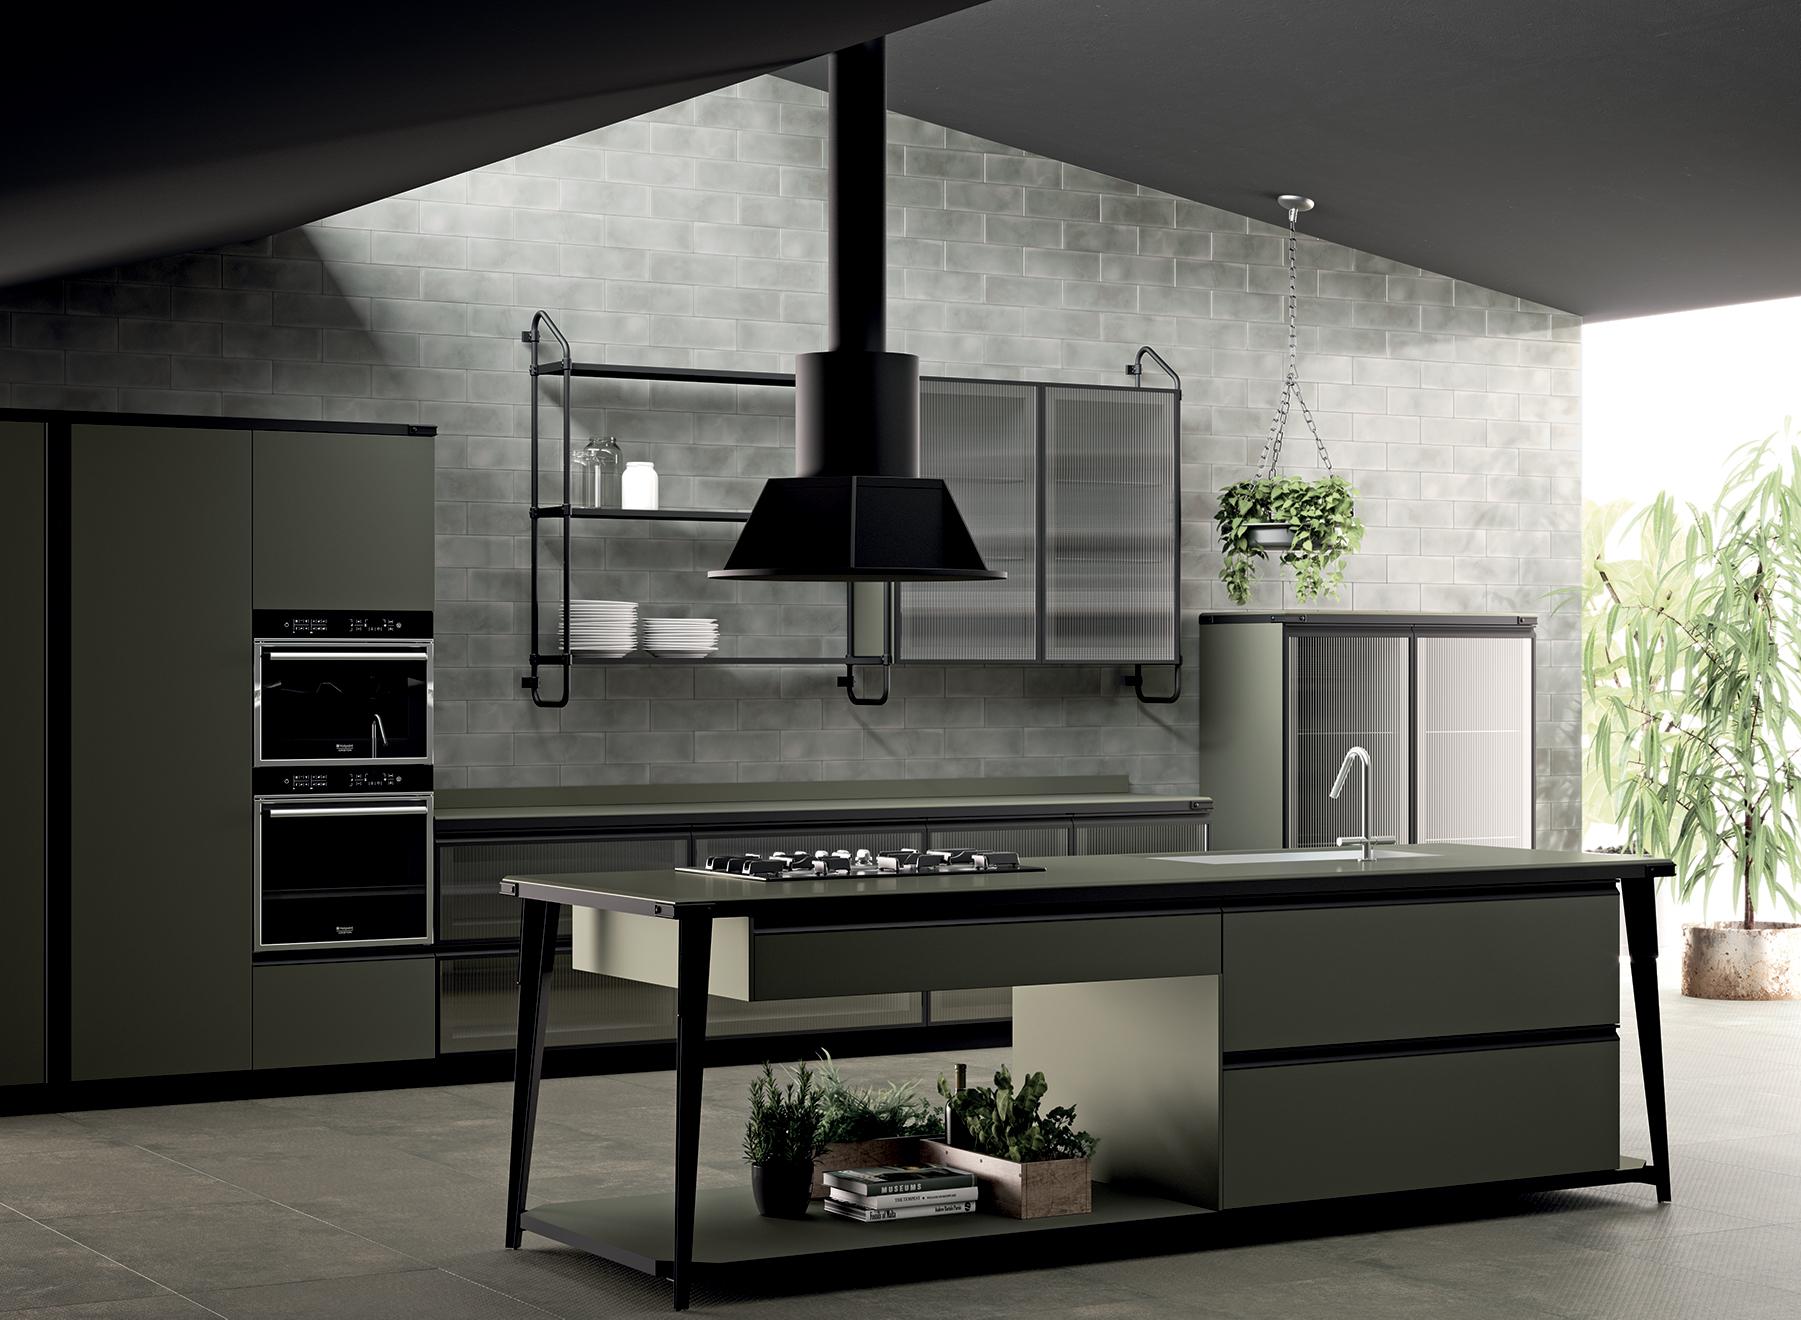 DIESEL ARMY GREY -kitchen tiles.jpg